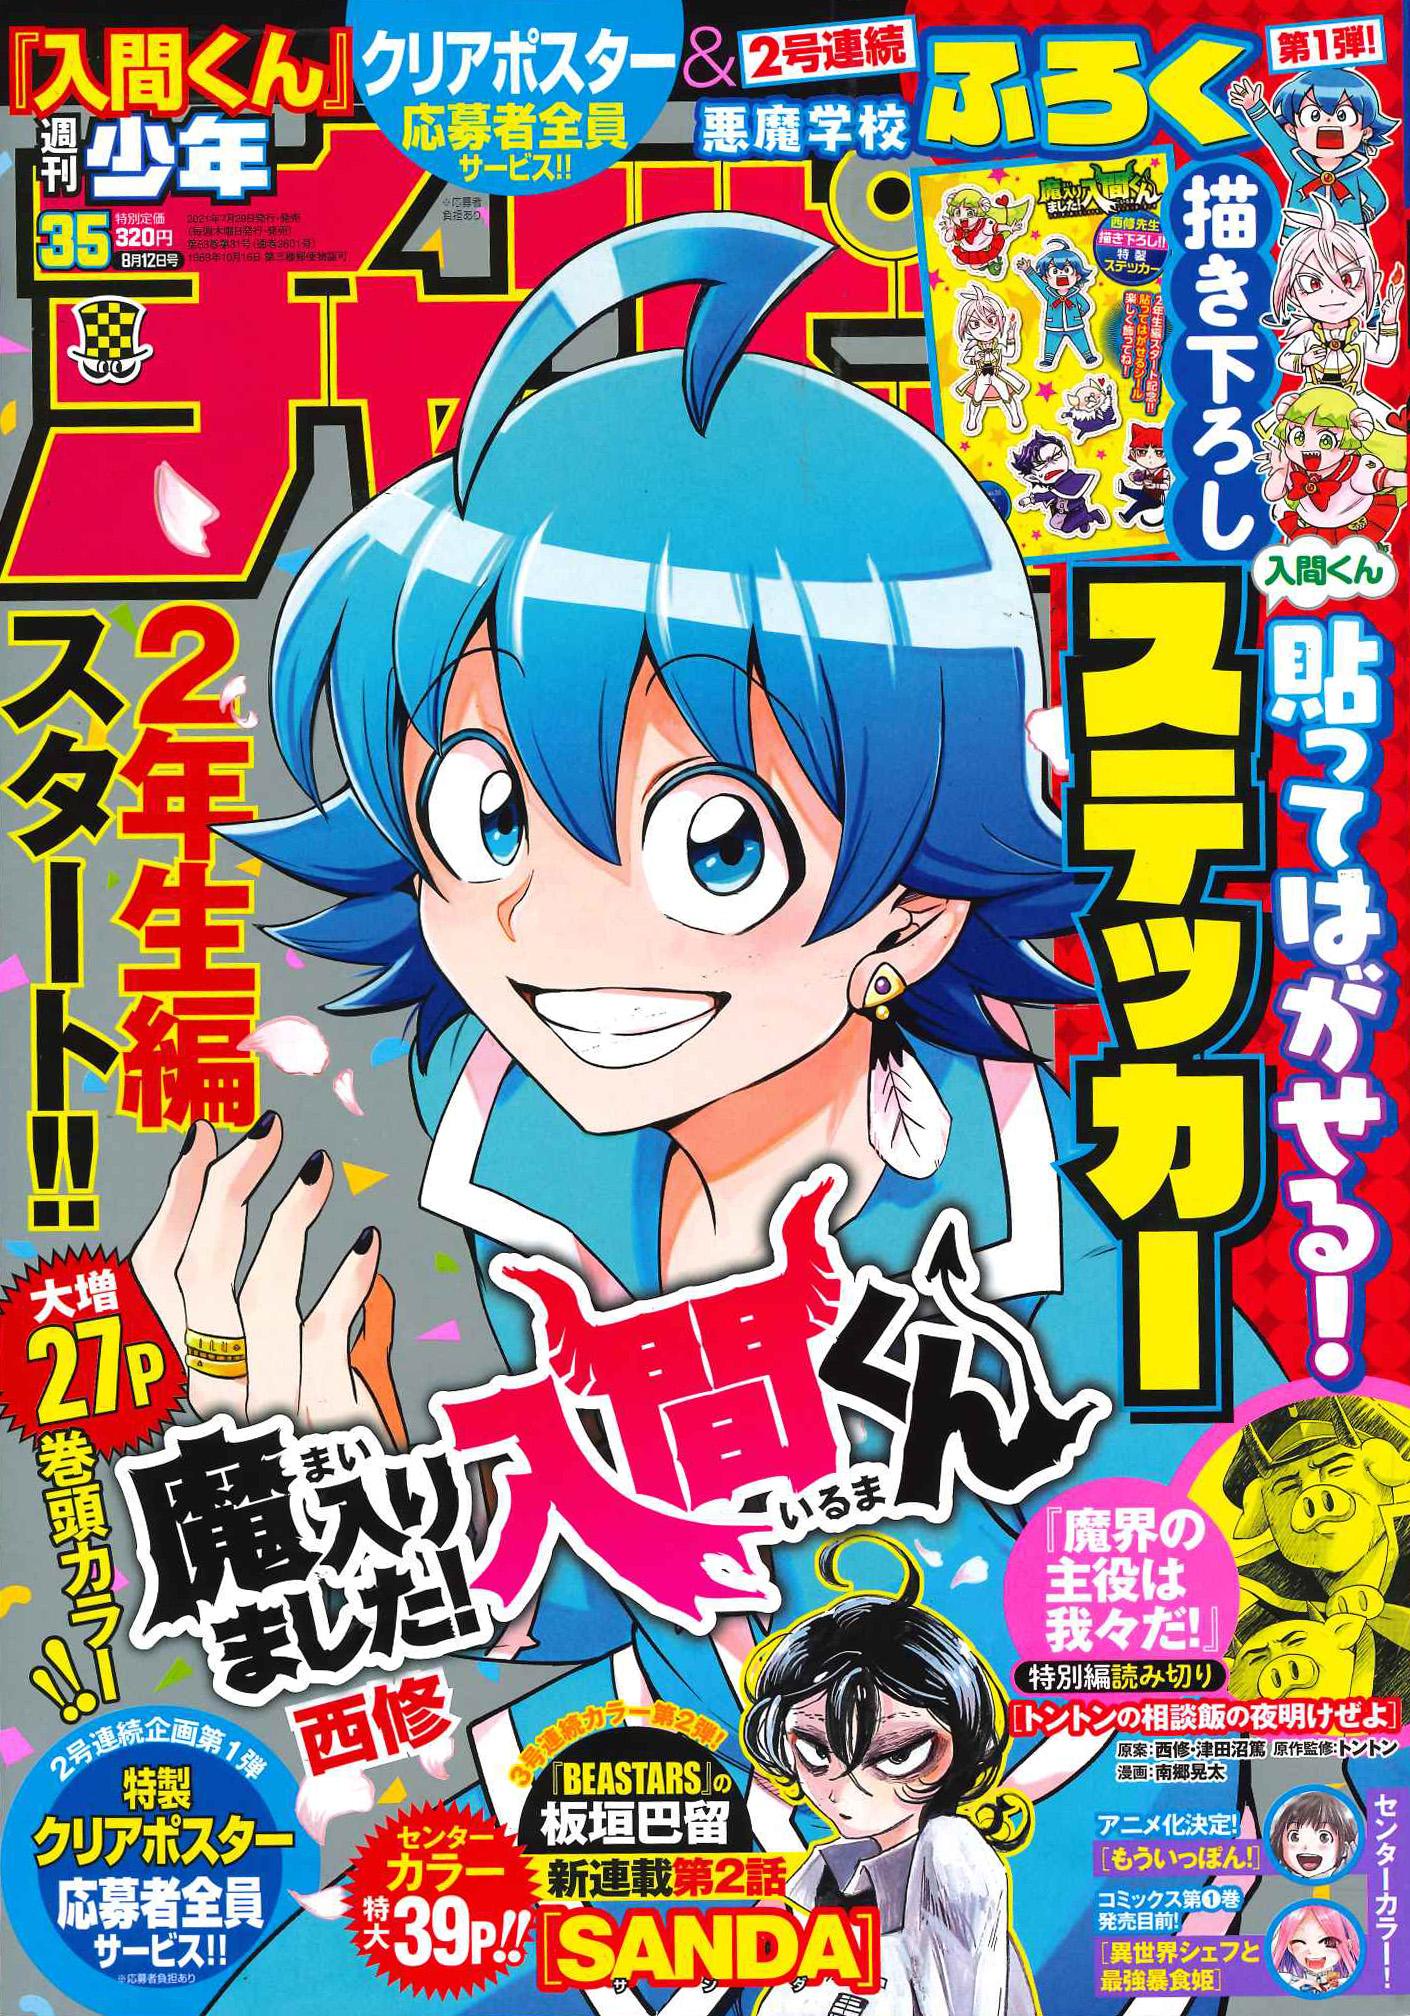 週刊少年チャンピオン 2021年35号